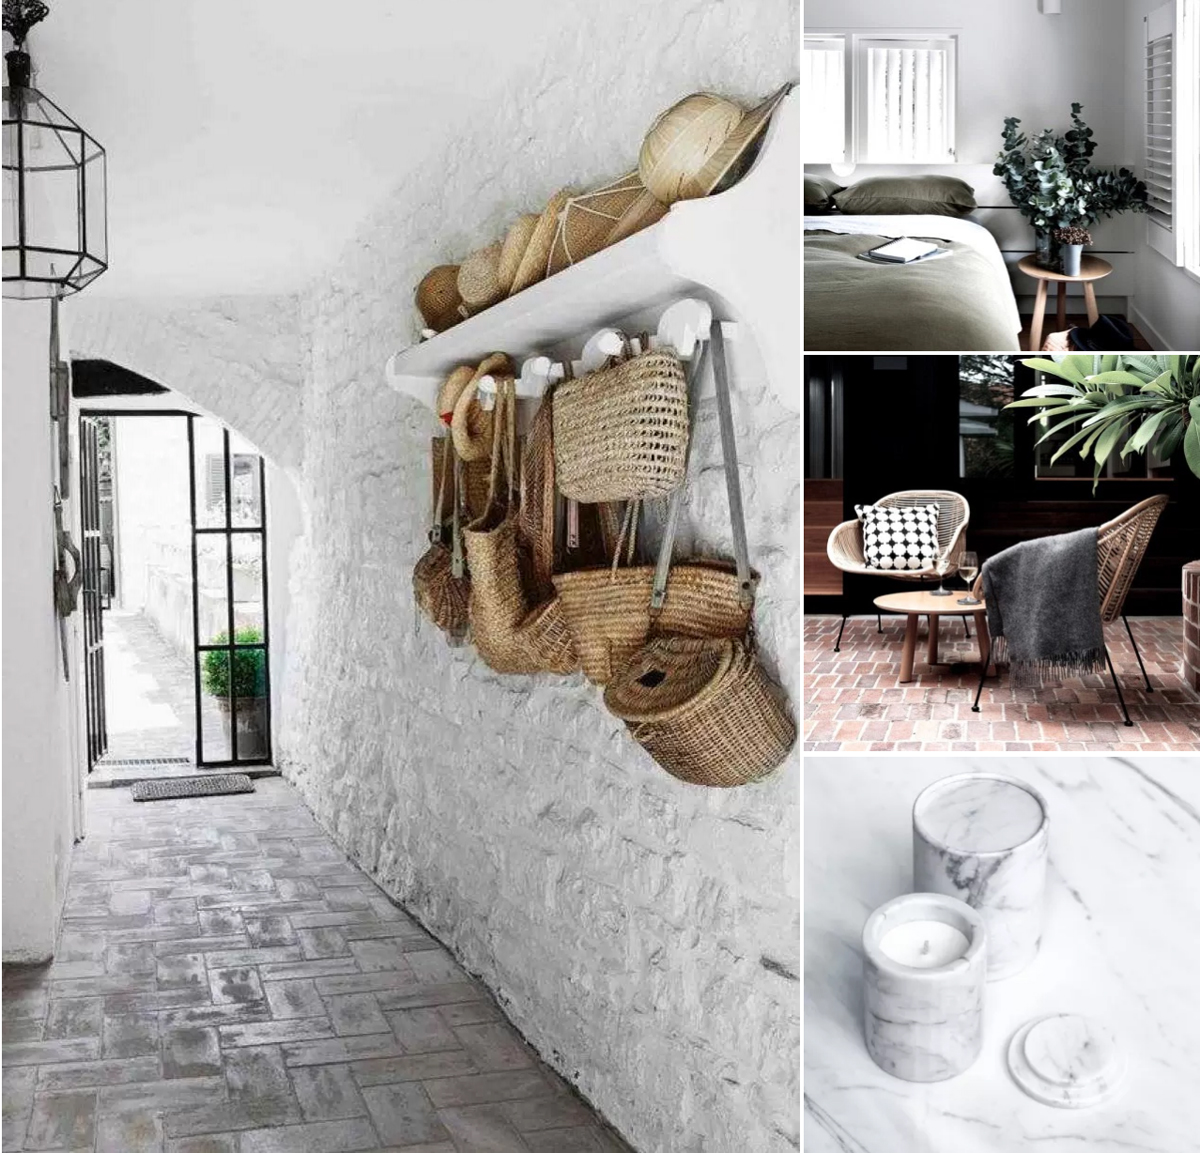 des images d co le buzz de rouen. Black Bedroom Furniture Sets. Home Design Ideas